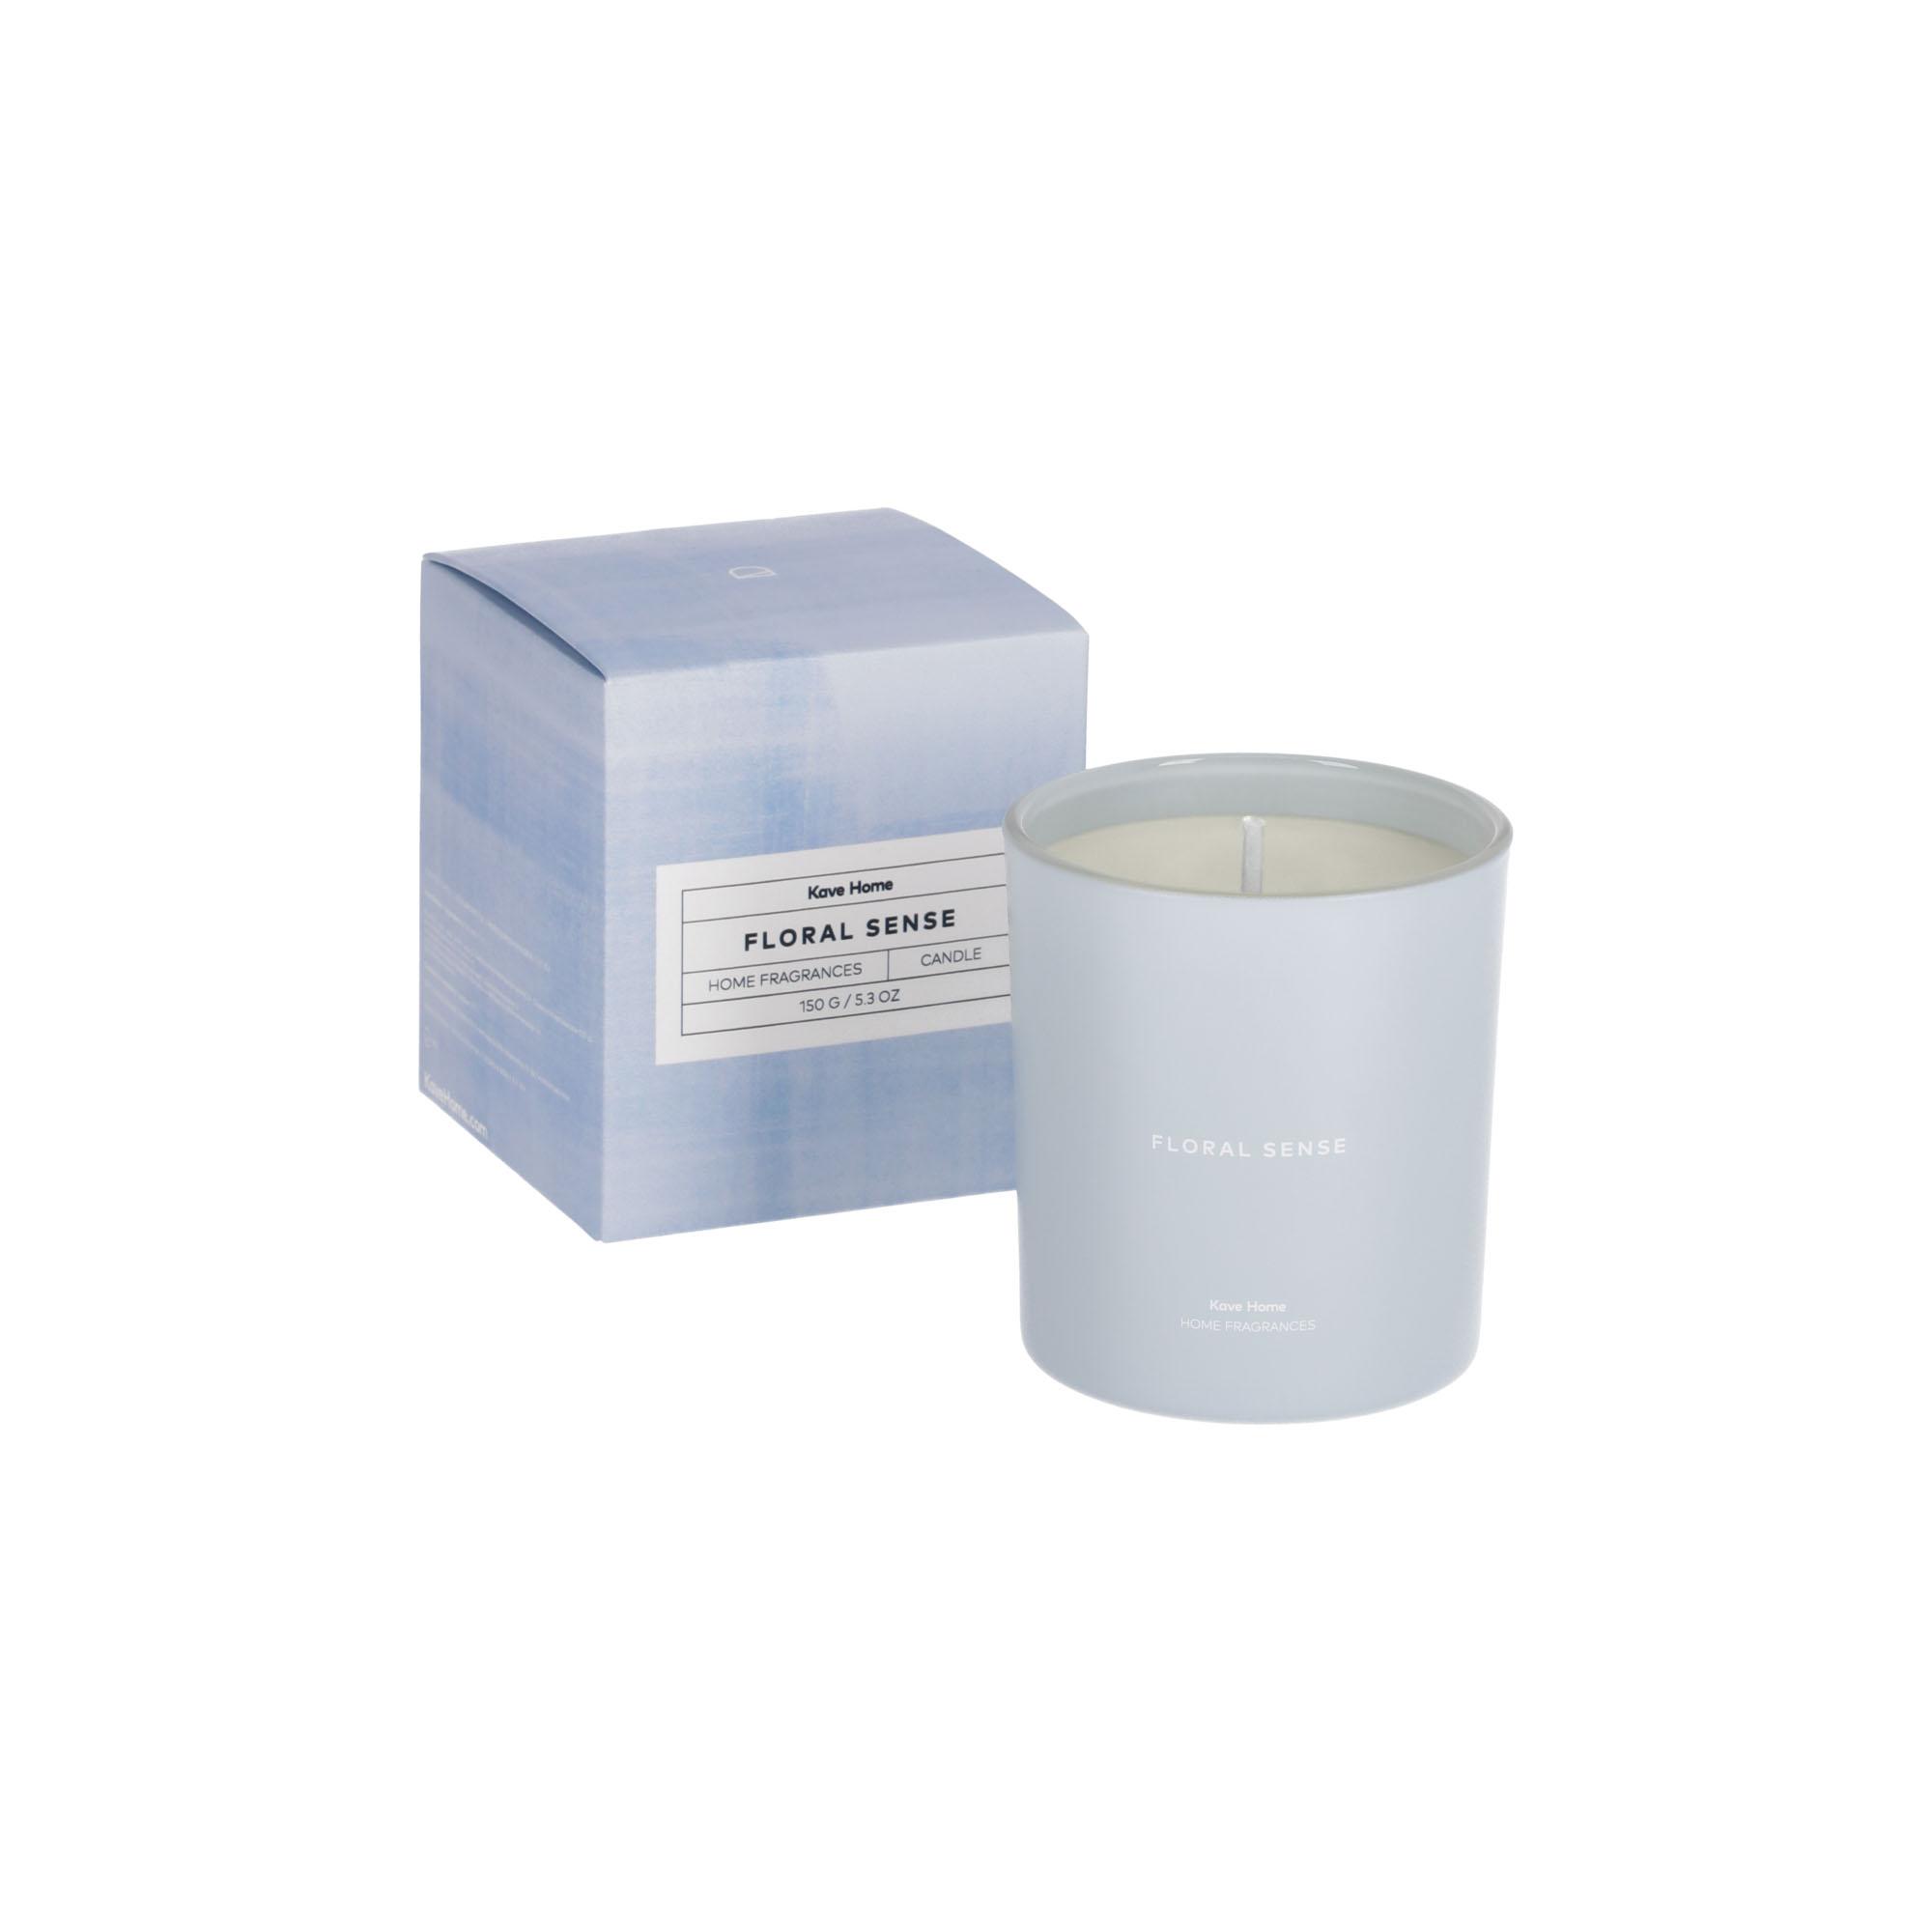 Kave home - bougie parfumée floral sense 150 gr